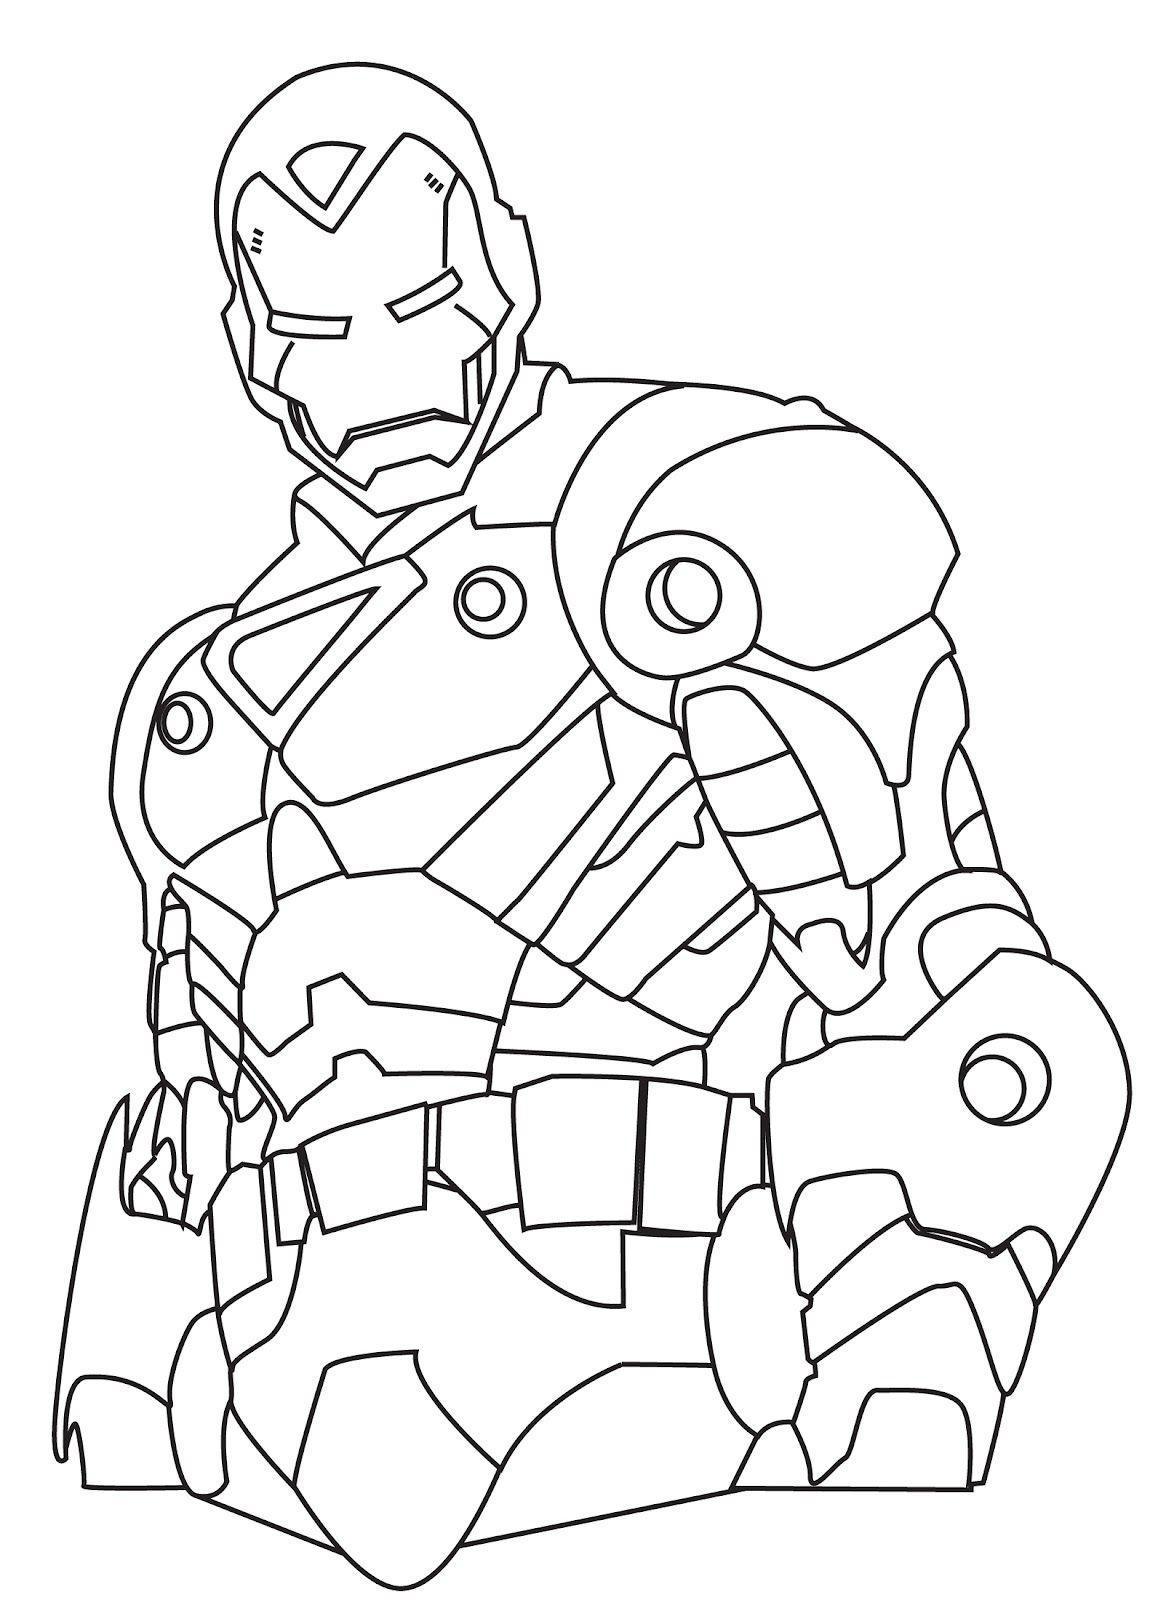 artes da nique: riscos do homem de ferro | patch embutido ... - Coloring Pages Superheroes Ironman